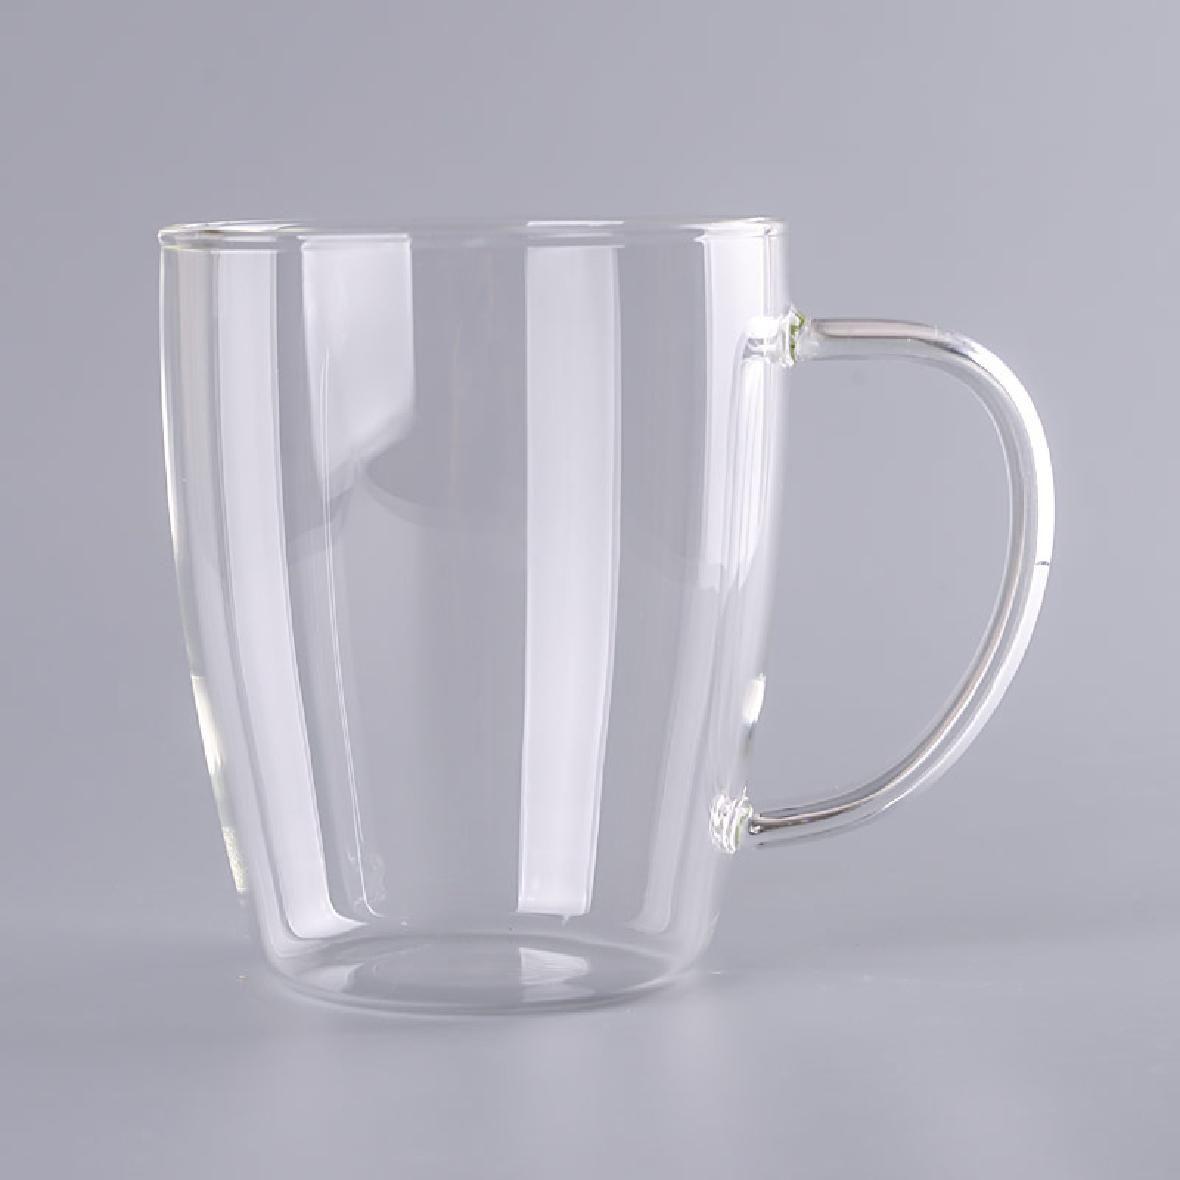 玻璃水杯|玻璃水杯生产厂家